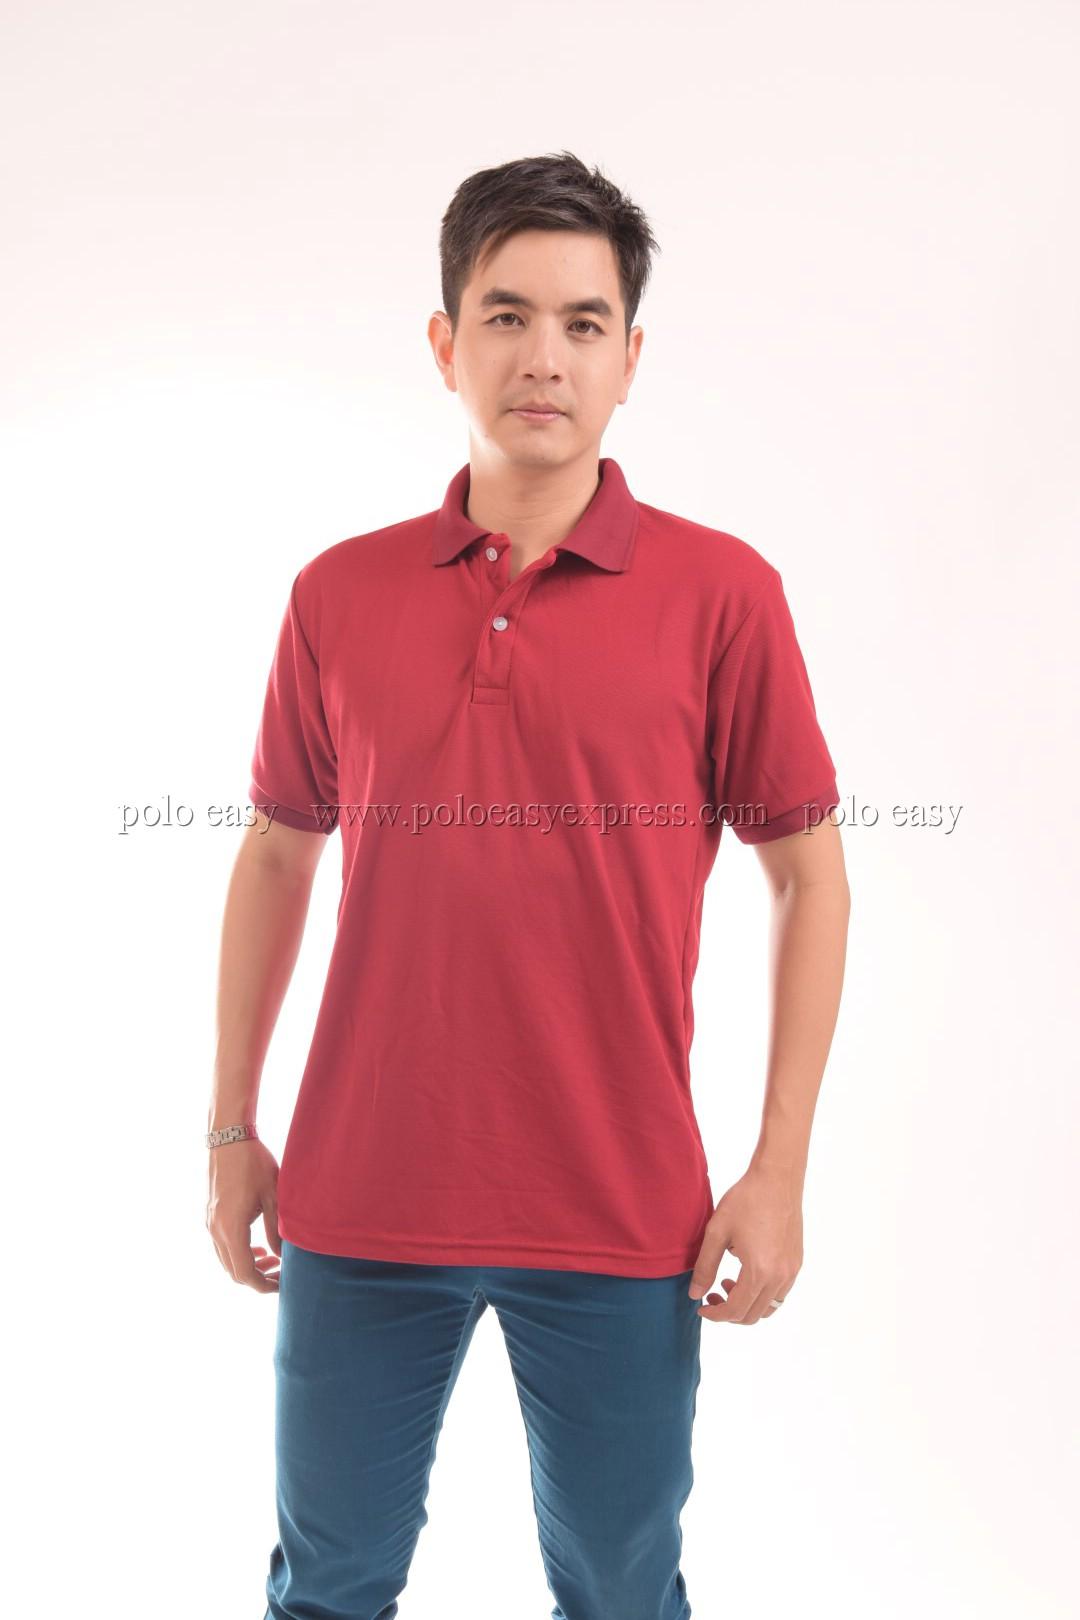 เสื้อโปโล สีเลือดหมู TK Premium แขนสั้น ทรงตรง Size L